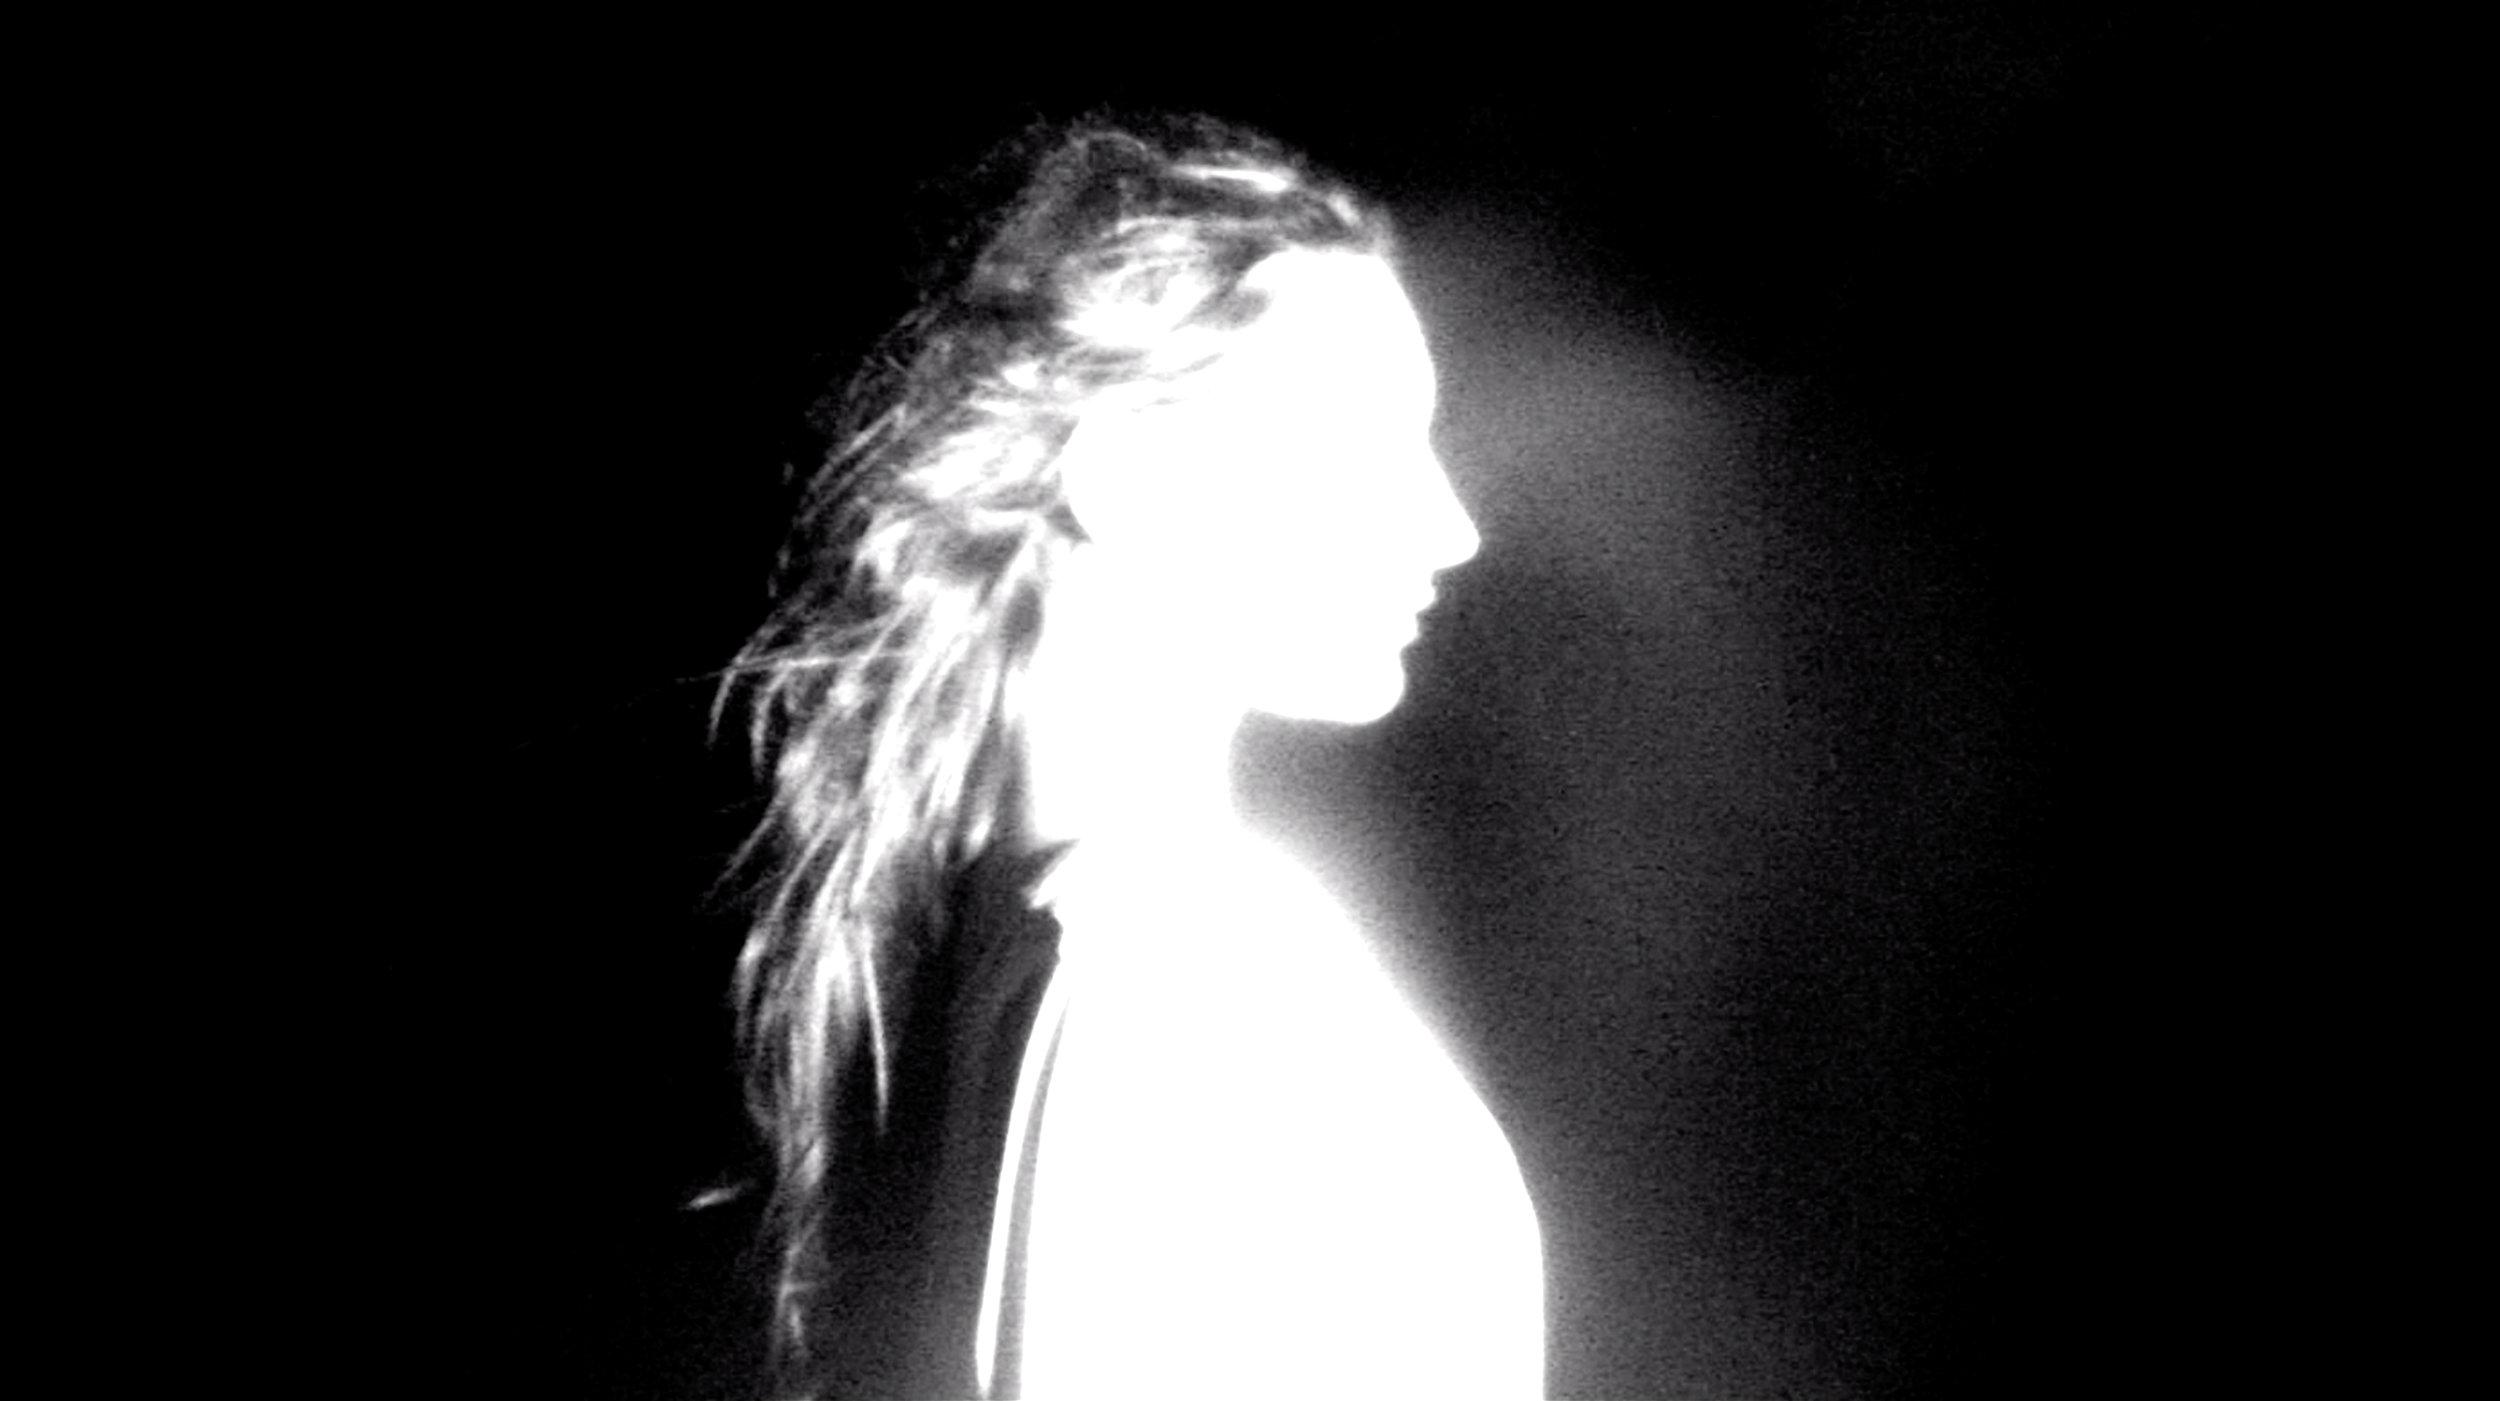 Girl silhouette white 01.jpg